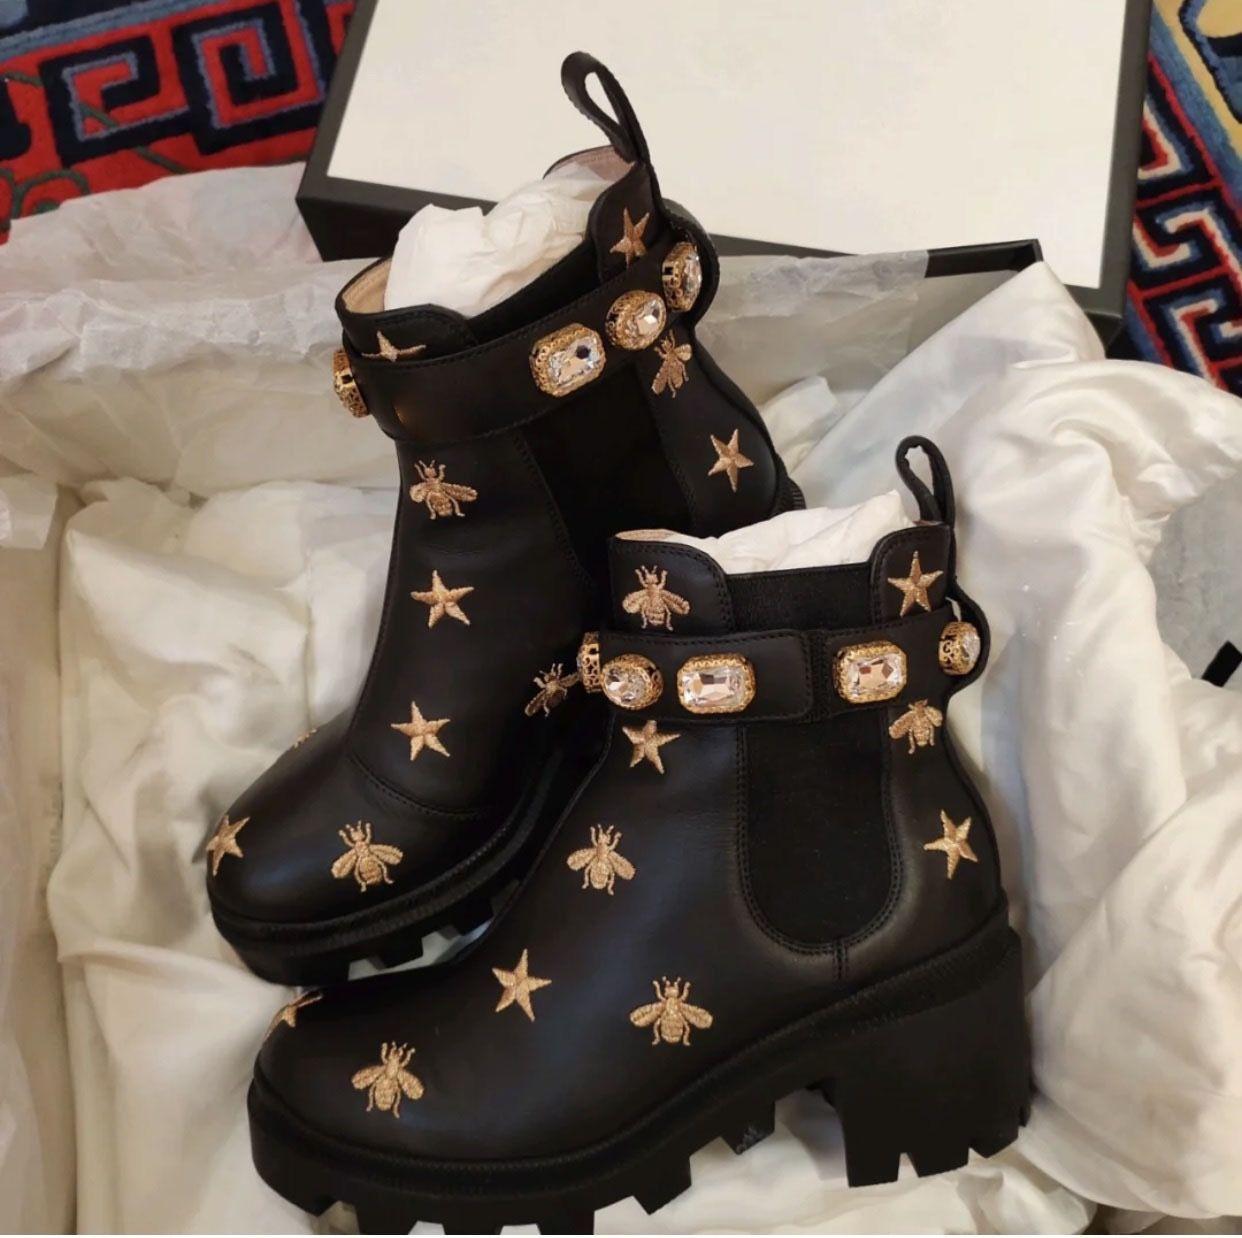 2021 المرأة مصمم الأحذية مارتن الصحراء التمهيد فلامنجوس الحب السهم 100٪ جلد حقيقي ميدالية خشنة عدم الانزلاق أحذية الشتاء حجم US5-11